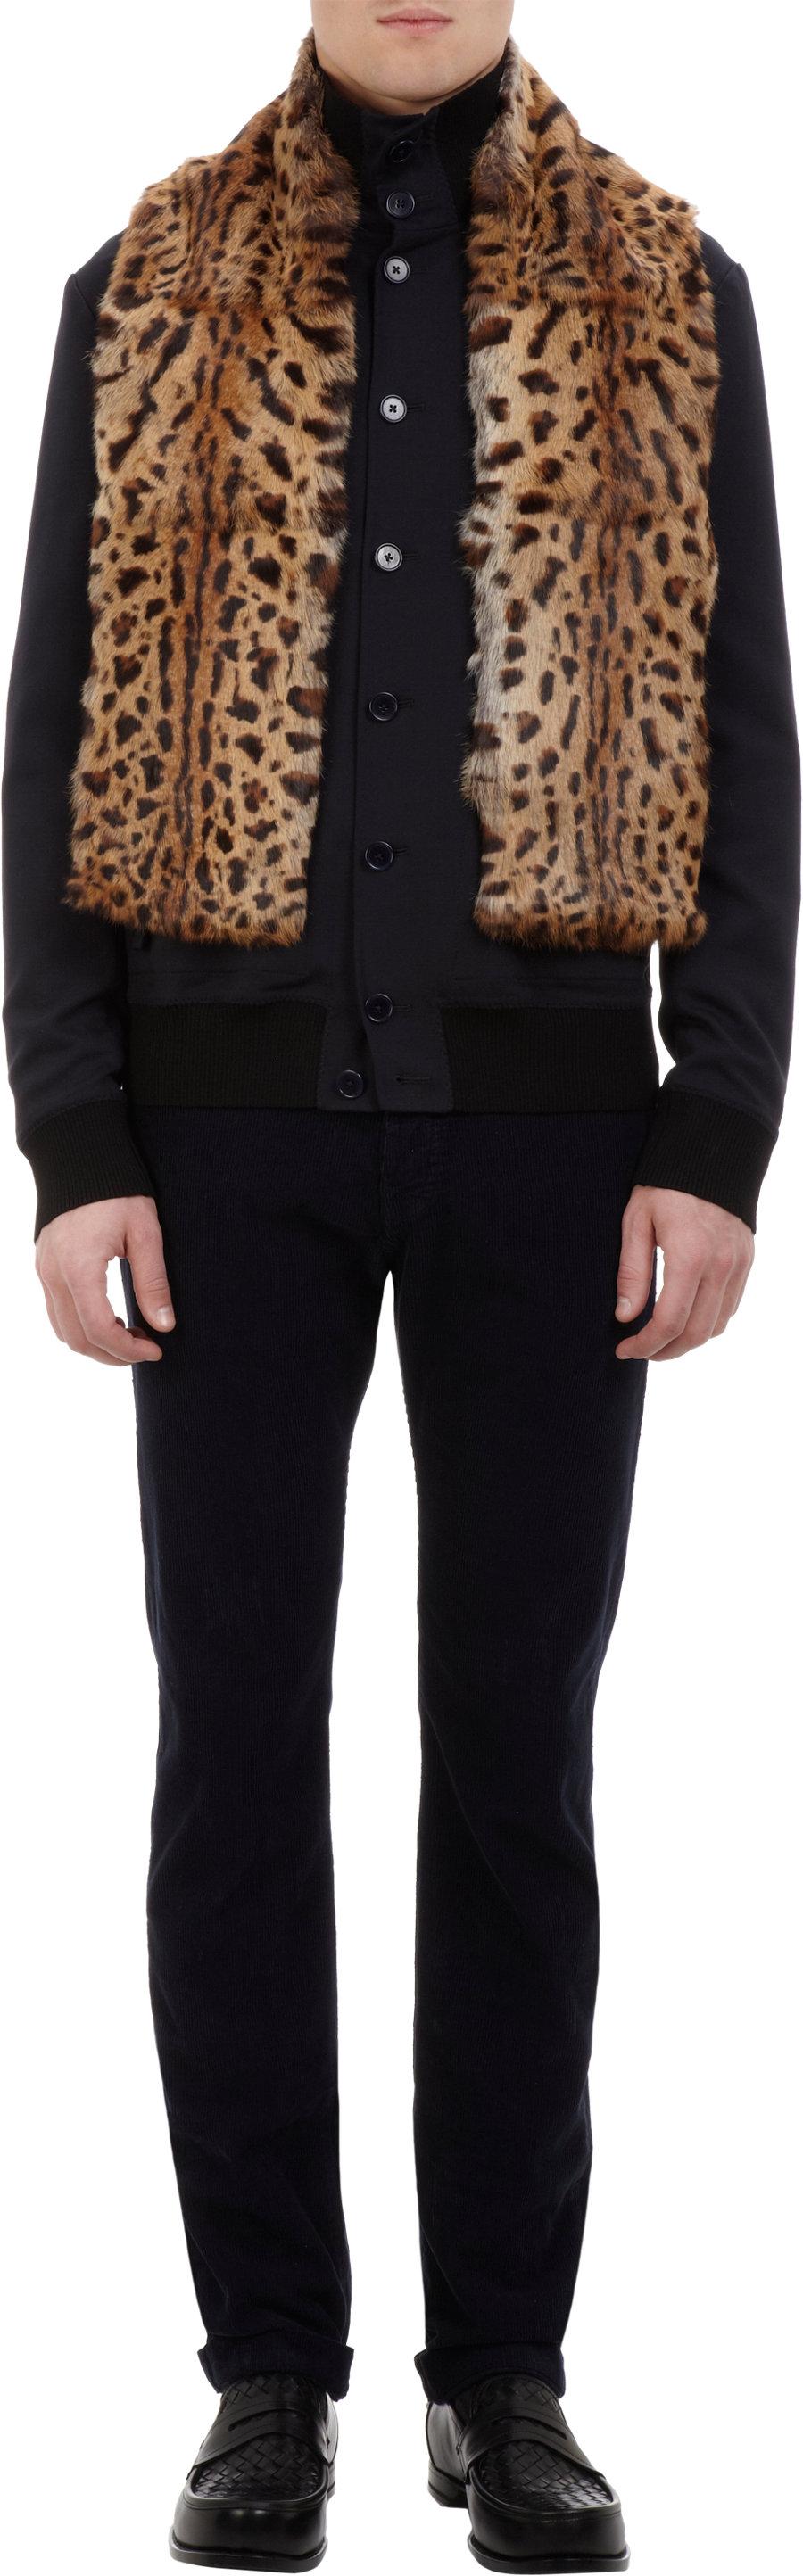 ALBERTUS SWANEPOEL Leopard-Print Fur Scarf  $399 Sale